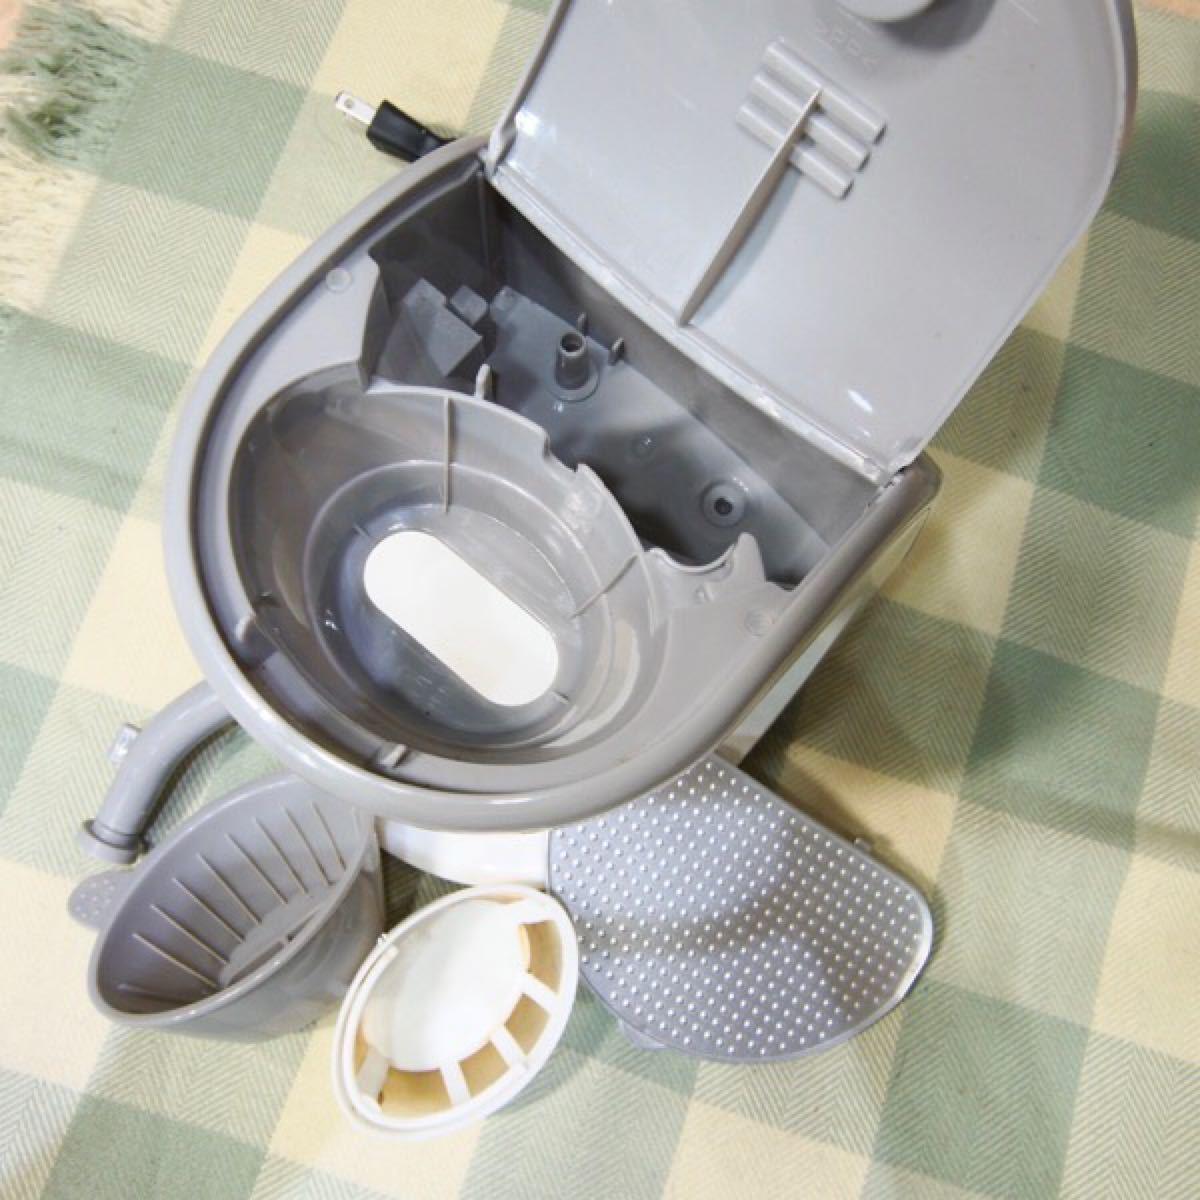 コーヒーメーカー 2カップ用 中古品 動作未確認